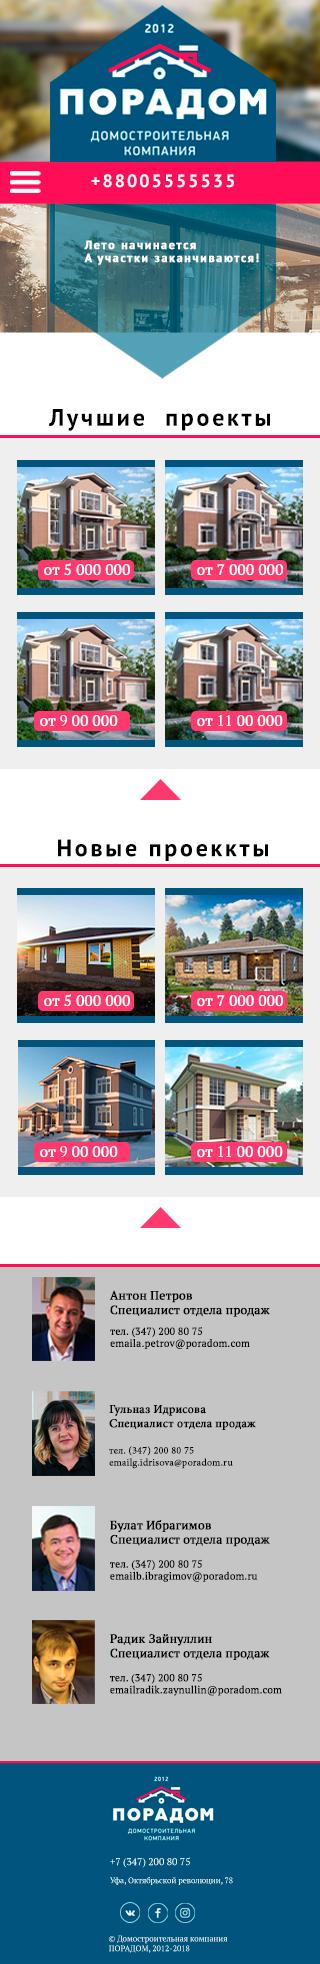 Дизайн главной на мобильных для домостроительной компании фото f_4715a844b4991083.jpg